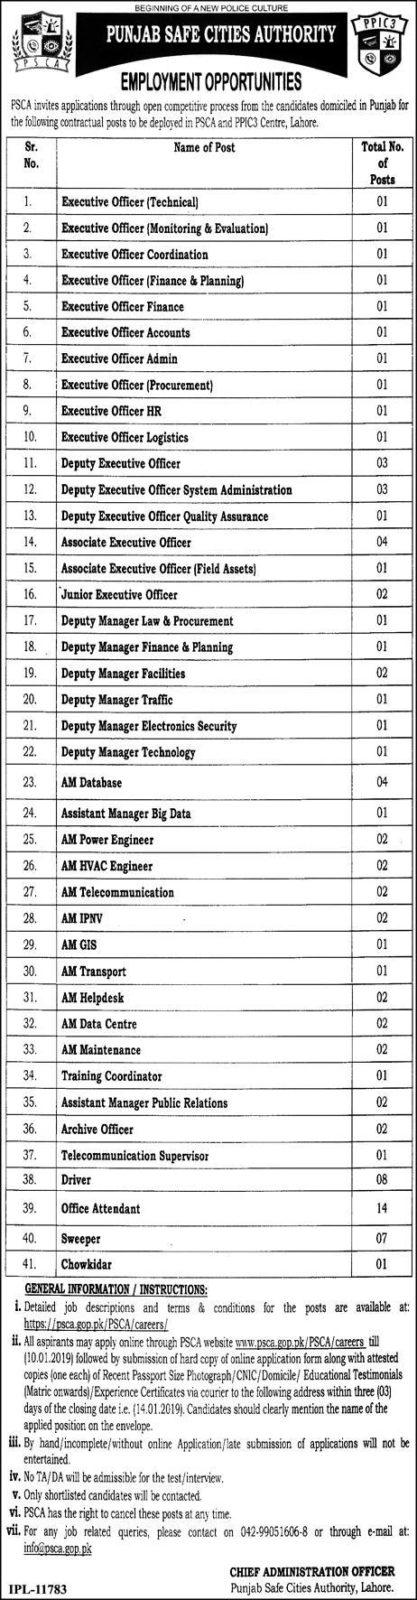 Punjab Safe Cities Authority Jobs 2019